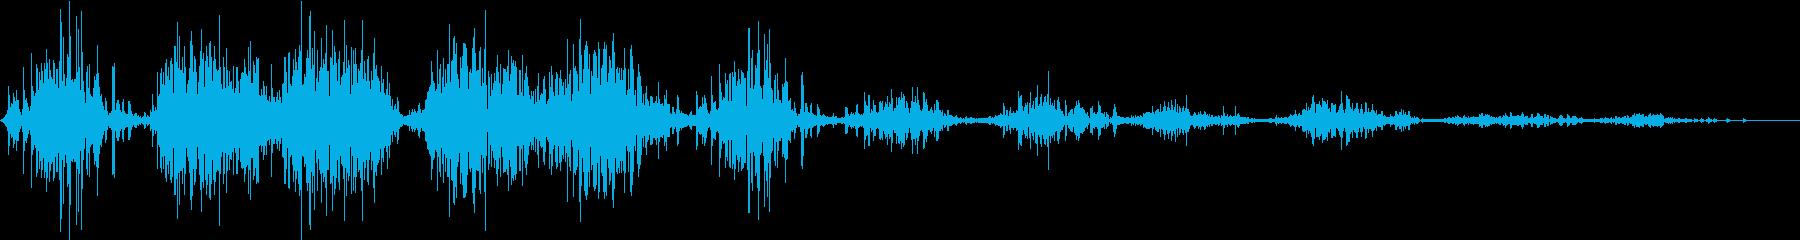 モンスター 笑い声 03の再生済みの波形